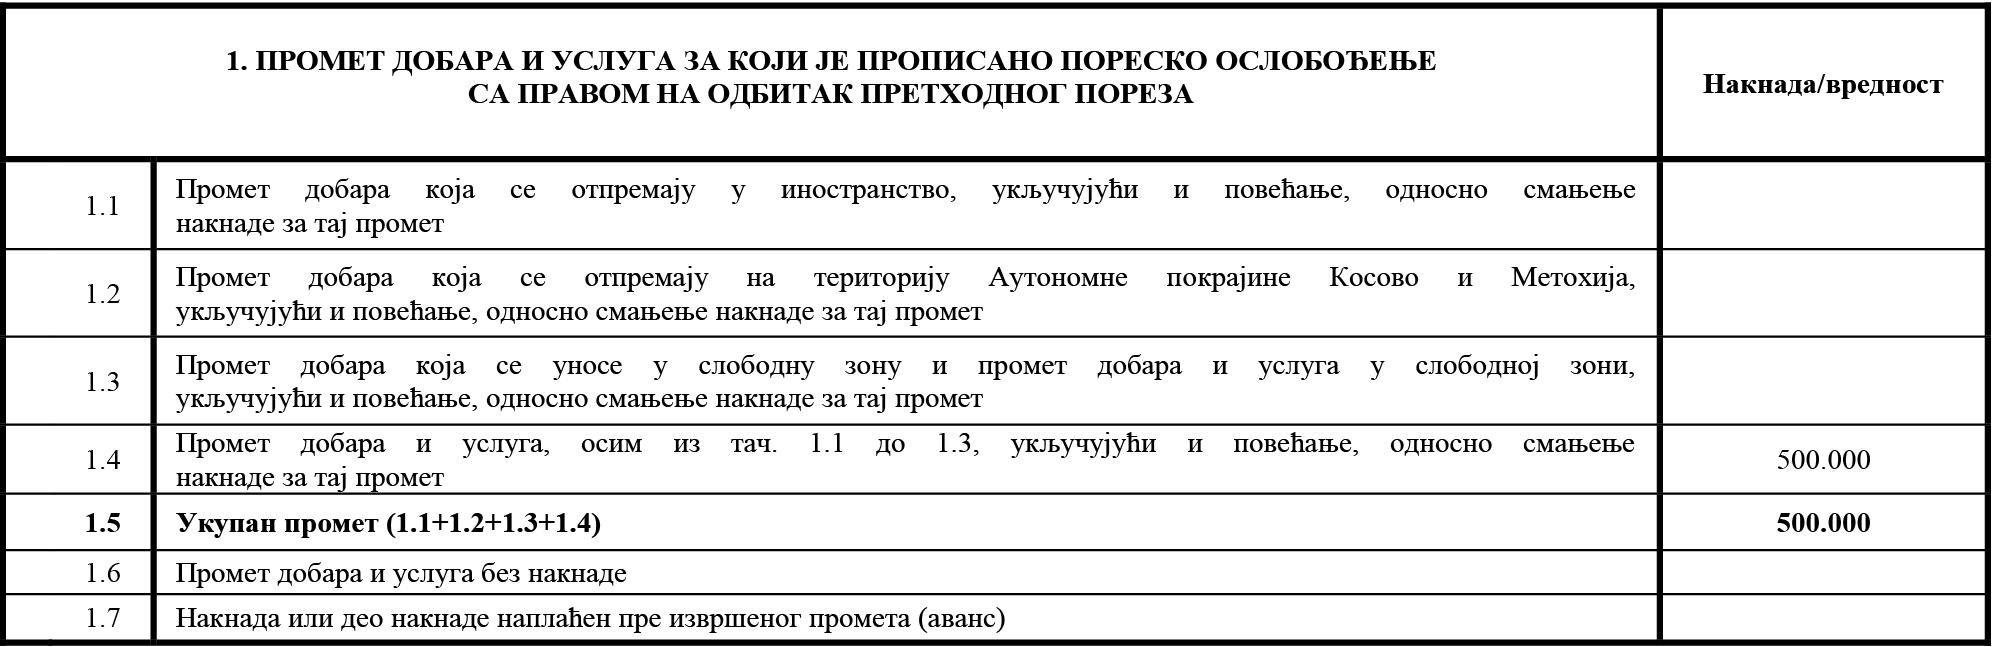 uputstvo PU obrazac POPDV primer 14